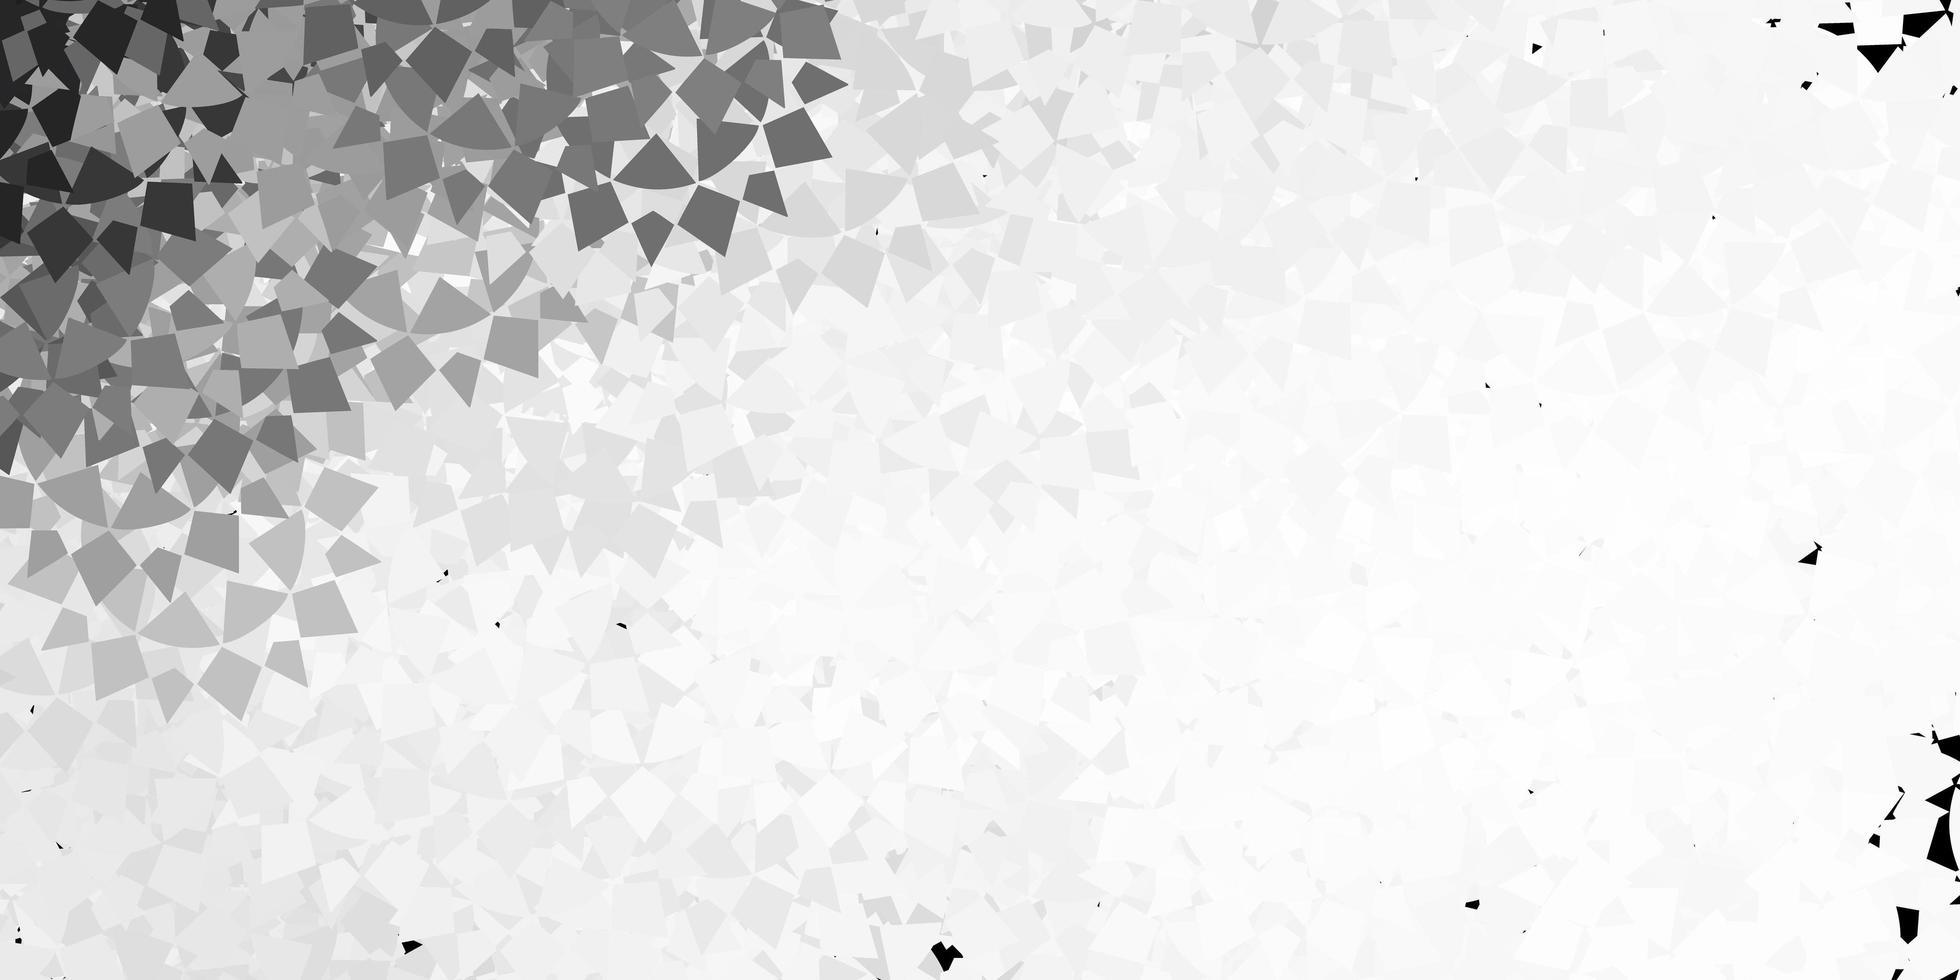 texture de vecteur gris clair avec des triangles aléatoires.